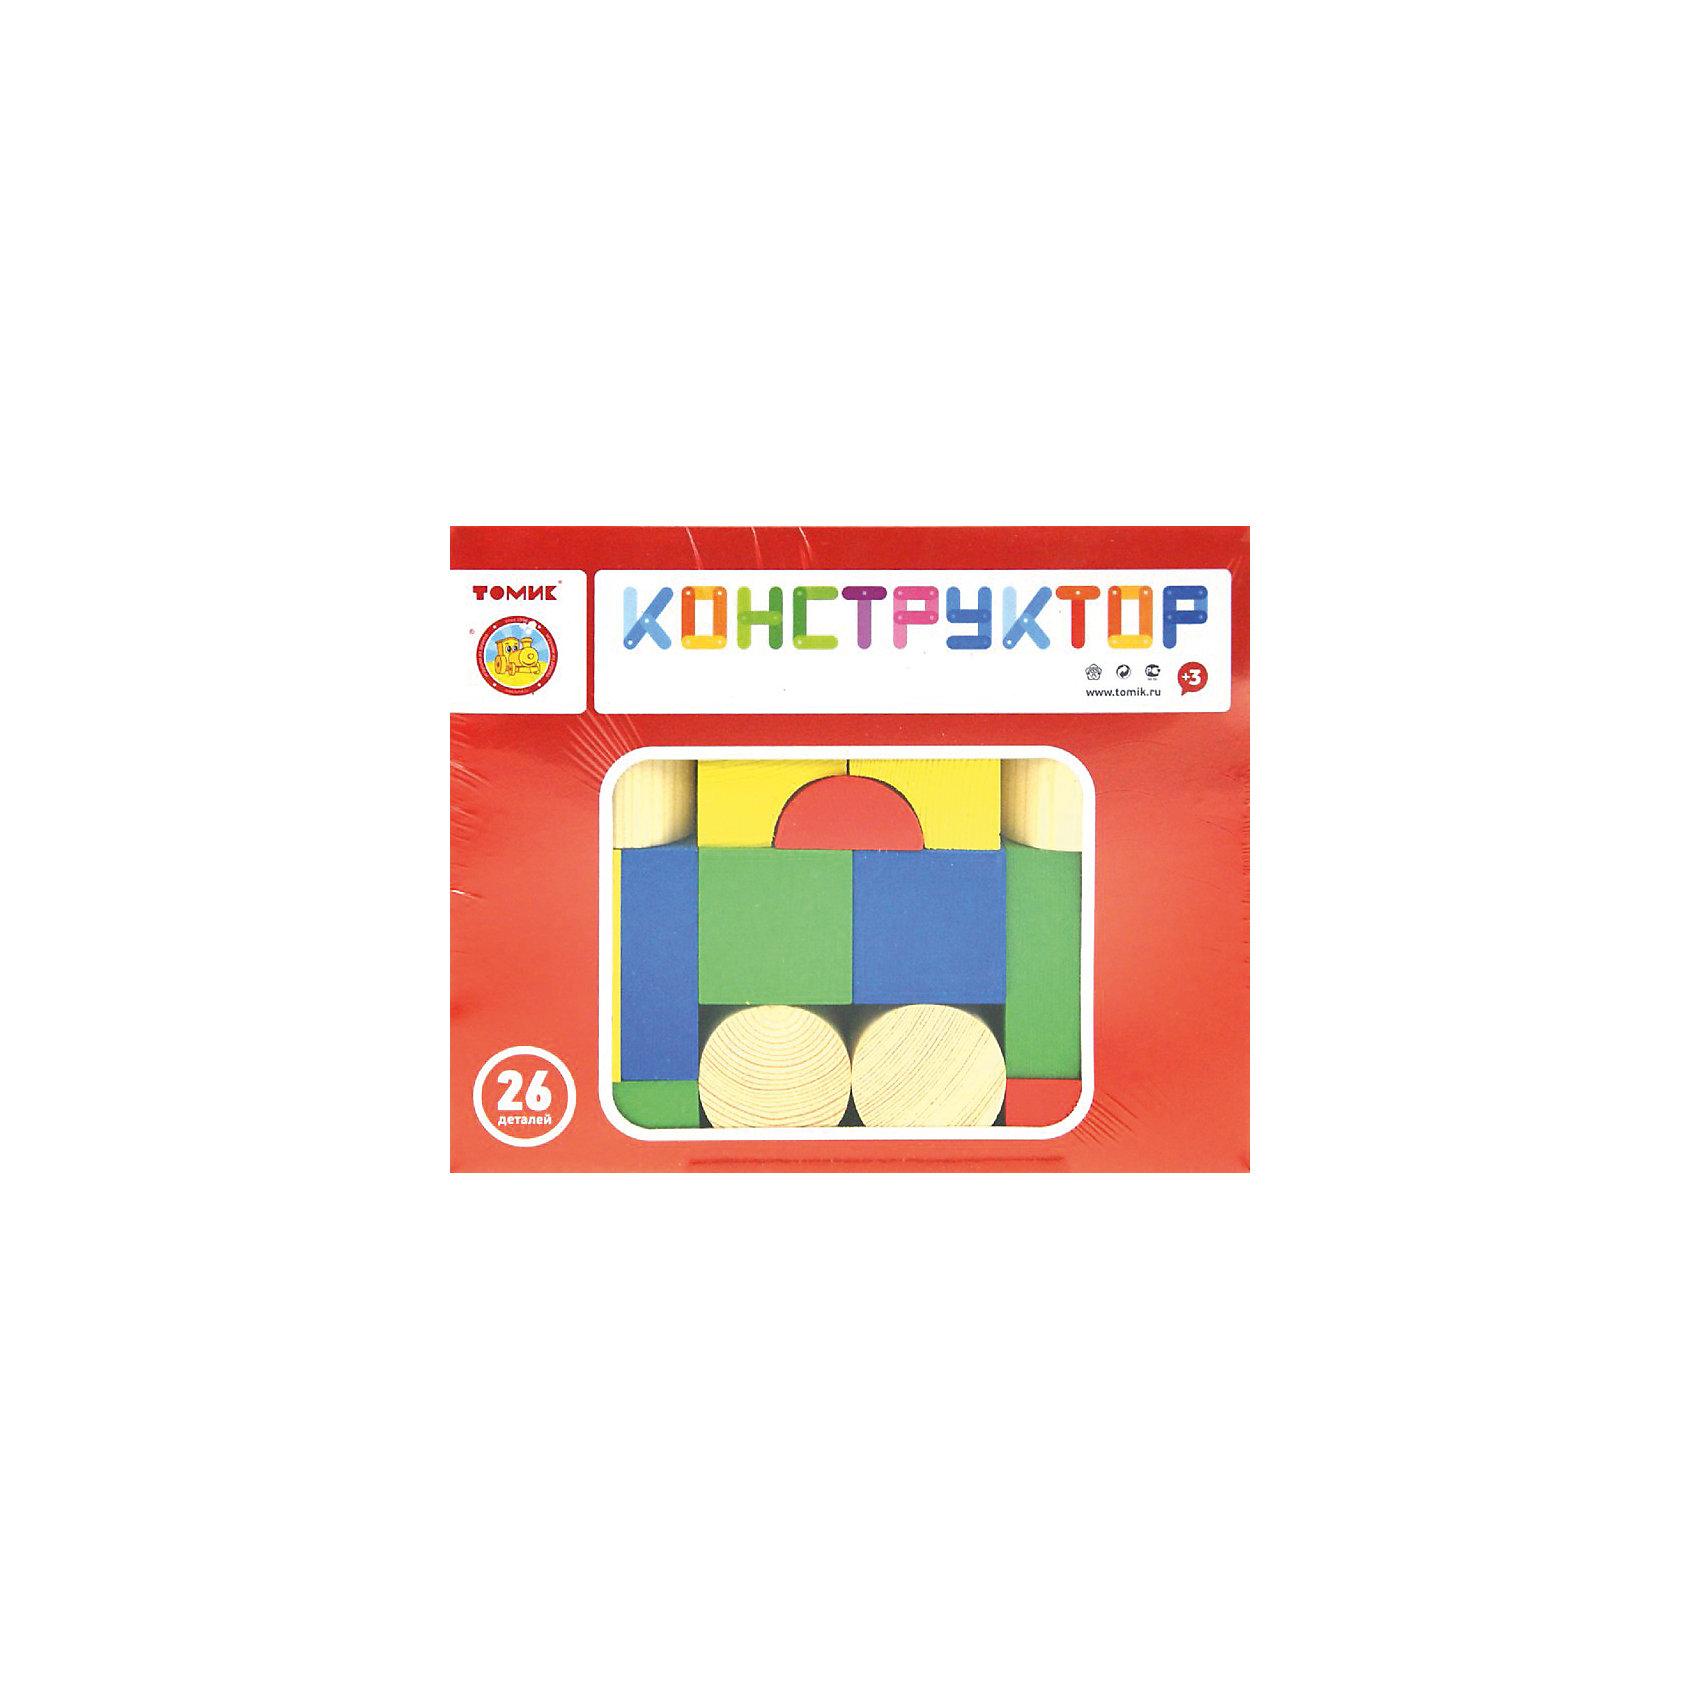 Конструктор, 26 деталей, ТОМИКДеревянные конструкторы<br>Первый конструктор для малыша — это обязательно должен состоять из простейших геометрических форм, яркий и позволяющий даже самым маленьким доступные композиции. Все эти свойства сочетает в себе серия конструкторов «Цветной»<br>Что входит в конструктор?<br><br>    26 деталей различной формы: яркие кубики, параллелепипеды, пирамиды, цилиндры и полуцилиндры для конструирования.<br><br>Почему конструкторы «ТОМИК» так полезны для детей?<br><br>Конструкторы из дерева — это прекрасная возможность для развития моторики пальцев и пространственного мышления. Ребенок составляет простейшие композиции, учится совмещать детали, выравнивать их, придавать всей конструкции устойчивость. Все это кажется таким простым и доступным для взрослого человека, но еще такое сложное для малыша, которые только познает мир.<br><br>Вместе с ребенком можно попробовать придумать интересные истории, которые связаны с только что построенными домиками и башенками. Кто в них может жить? Как зовут эту зверюшку или человечка? Предлагайте малышу придумать, чем занимается ваш герой, куда он ходит на прогулку, с кем он дружит. Все это в комплексе формирует у ребенка навык связанного повествования и творческое мышление.<br><br>Попробуйте решать с помощью фигур конструктора простейшие математические задачи: какой предмет крупнее, чем отличится геометрические формы? Все это важные шаги на пути к постепенному развитию малыша.<br><br>Ширина мм: 210<br>Глубина мм: 170<br>Высота мм: 40<br>Вес г: 645<br>Возраст от месяцев: 36<br>Возраст до месяцев: 2147483647<br>Пол: Унисекс<br>Возраст: Детский<br>SKU: 5565980